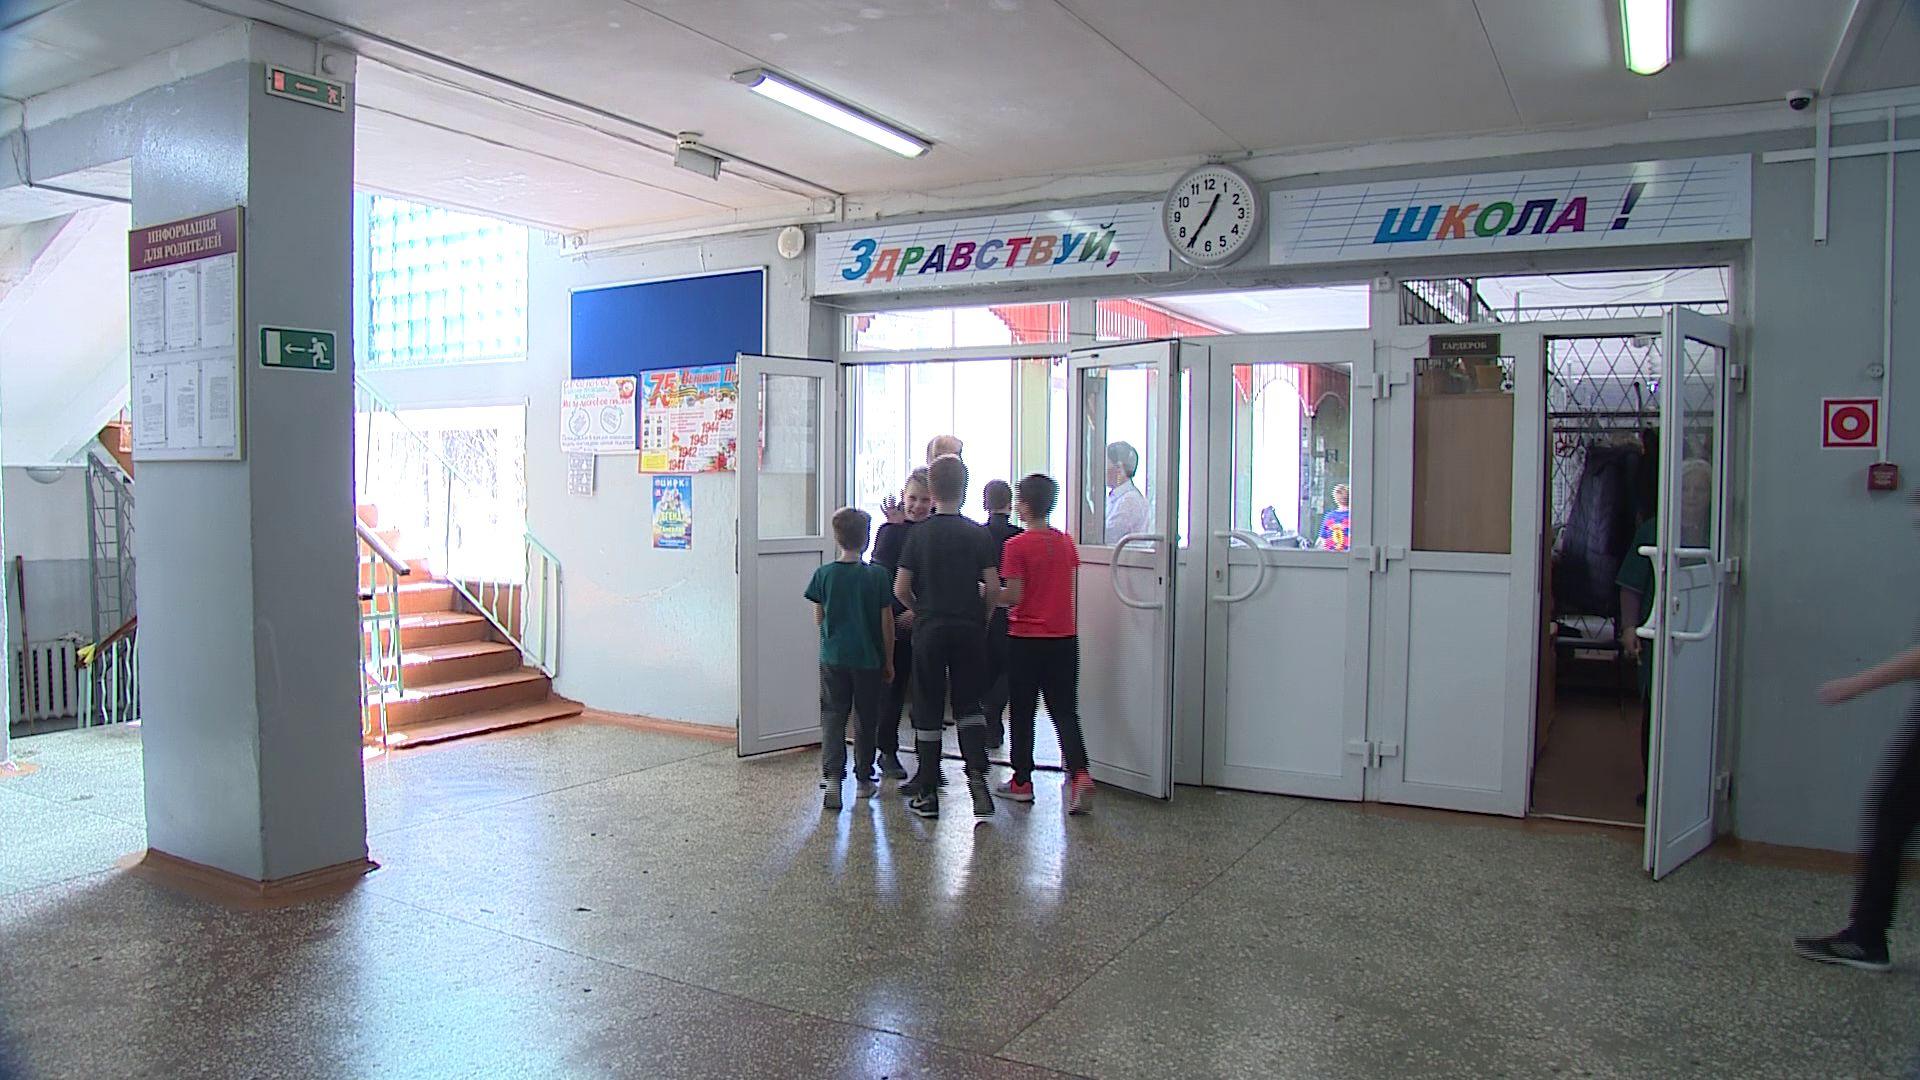 Минпросвещения России и Роспотребнадзор озвучили новые рекомендации о проведении школьных занятий